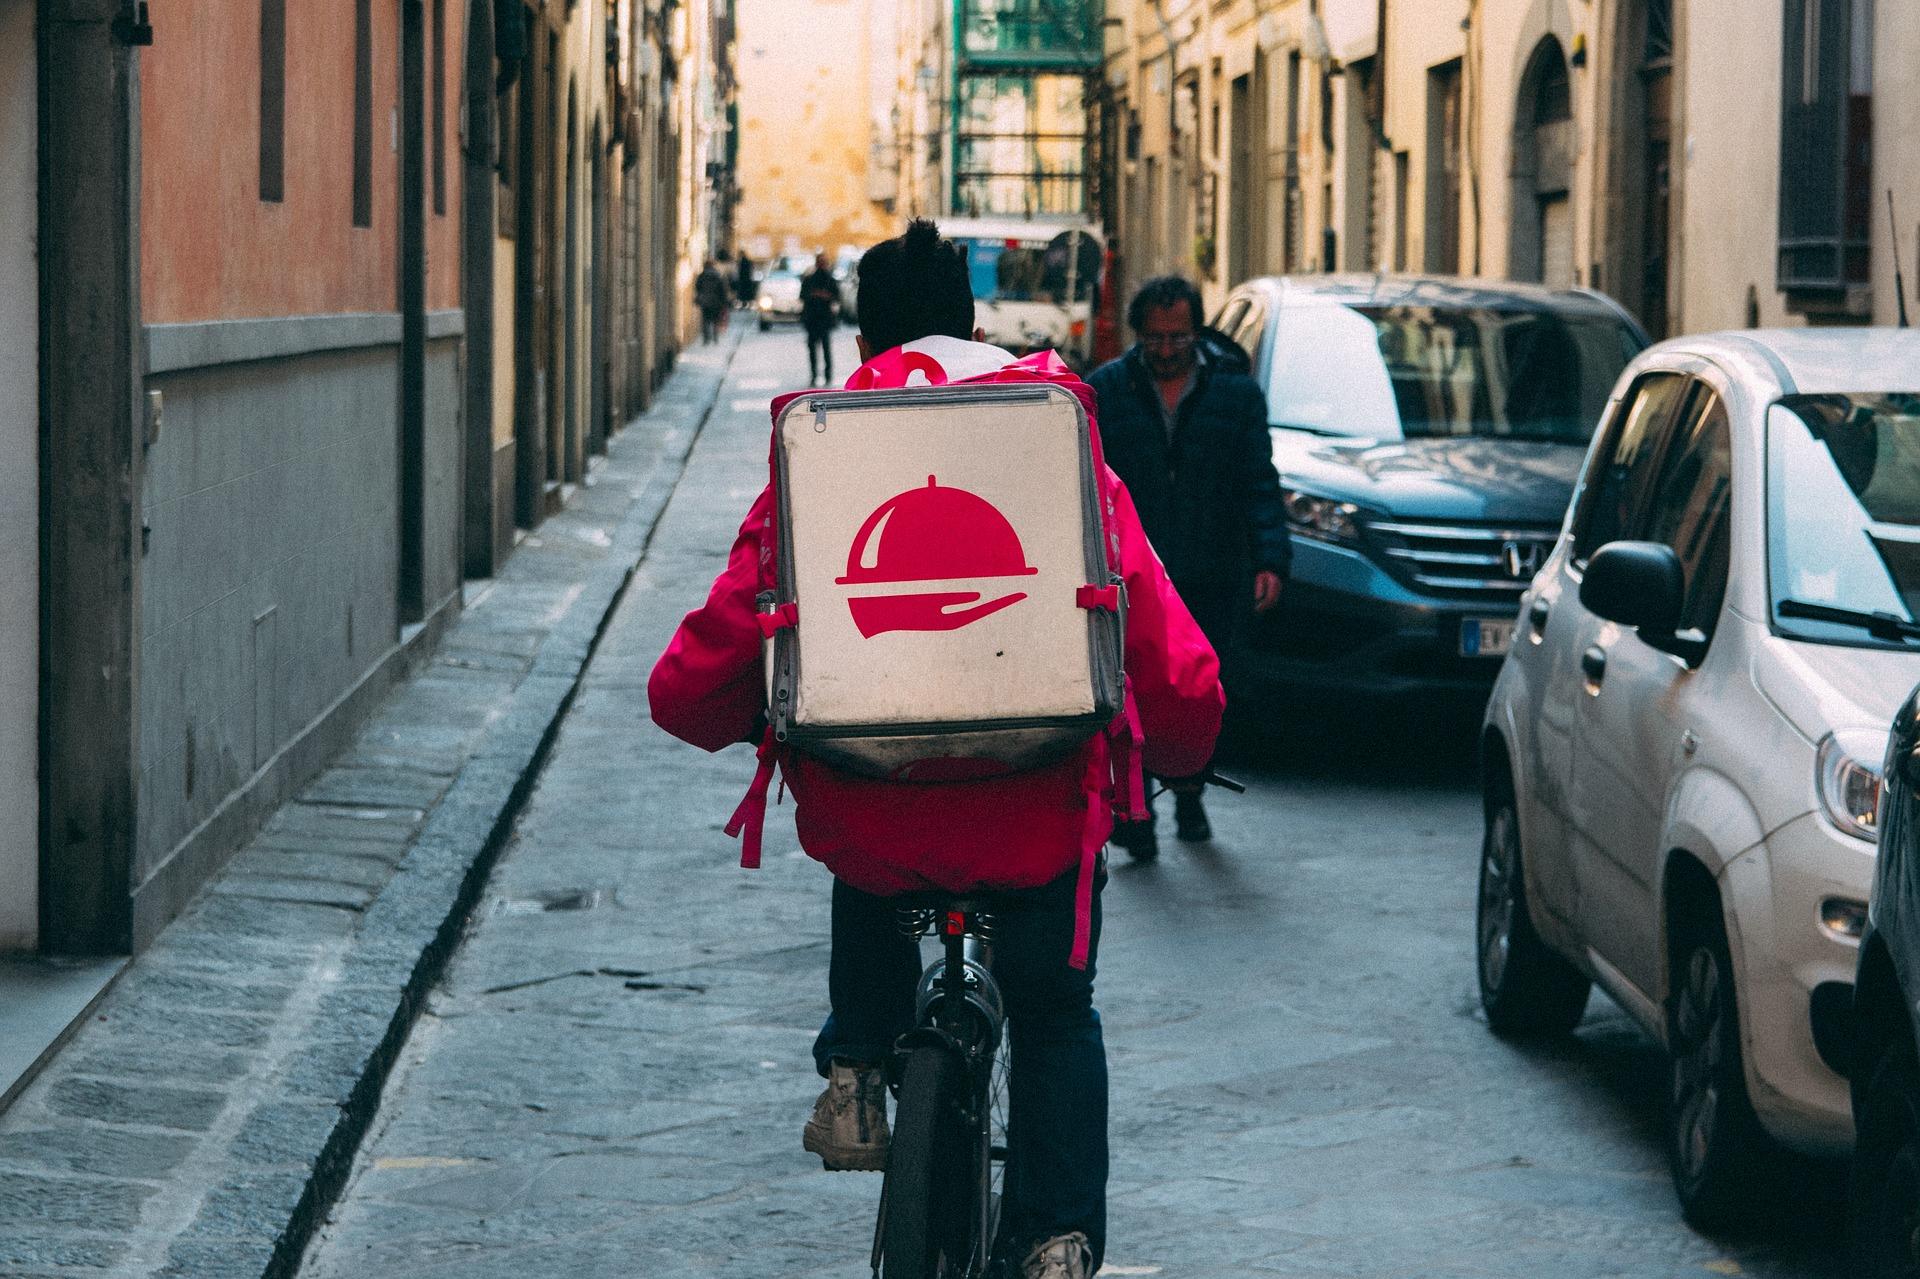 I Dati Personali Di Quasi Cinque Milioni Di Utenti Di Un Sito Di Food Delivery Sono Stati Violati